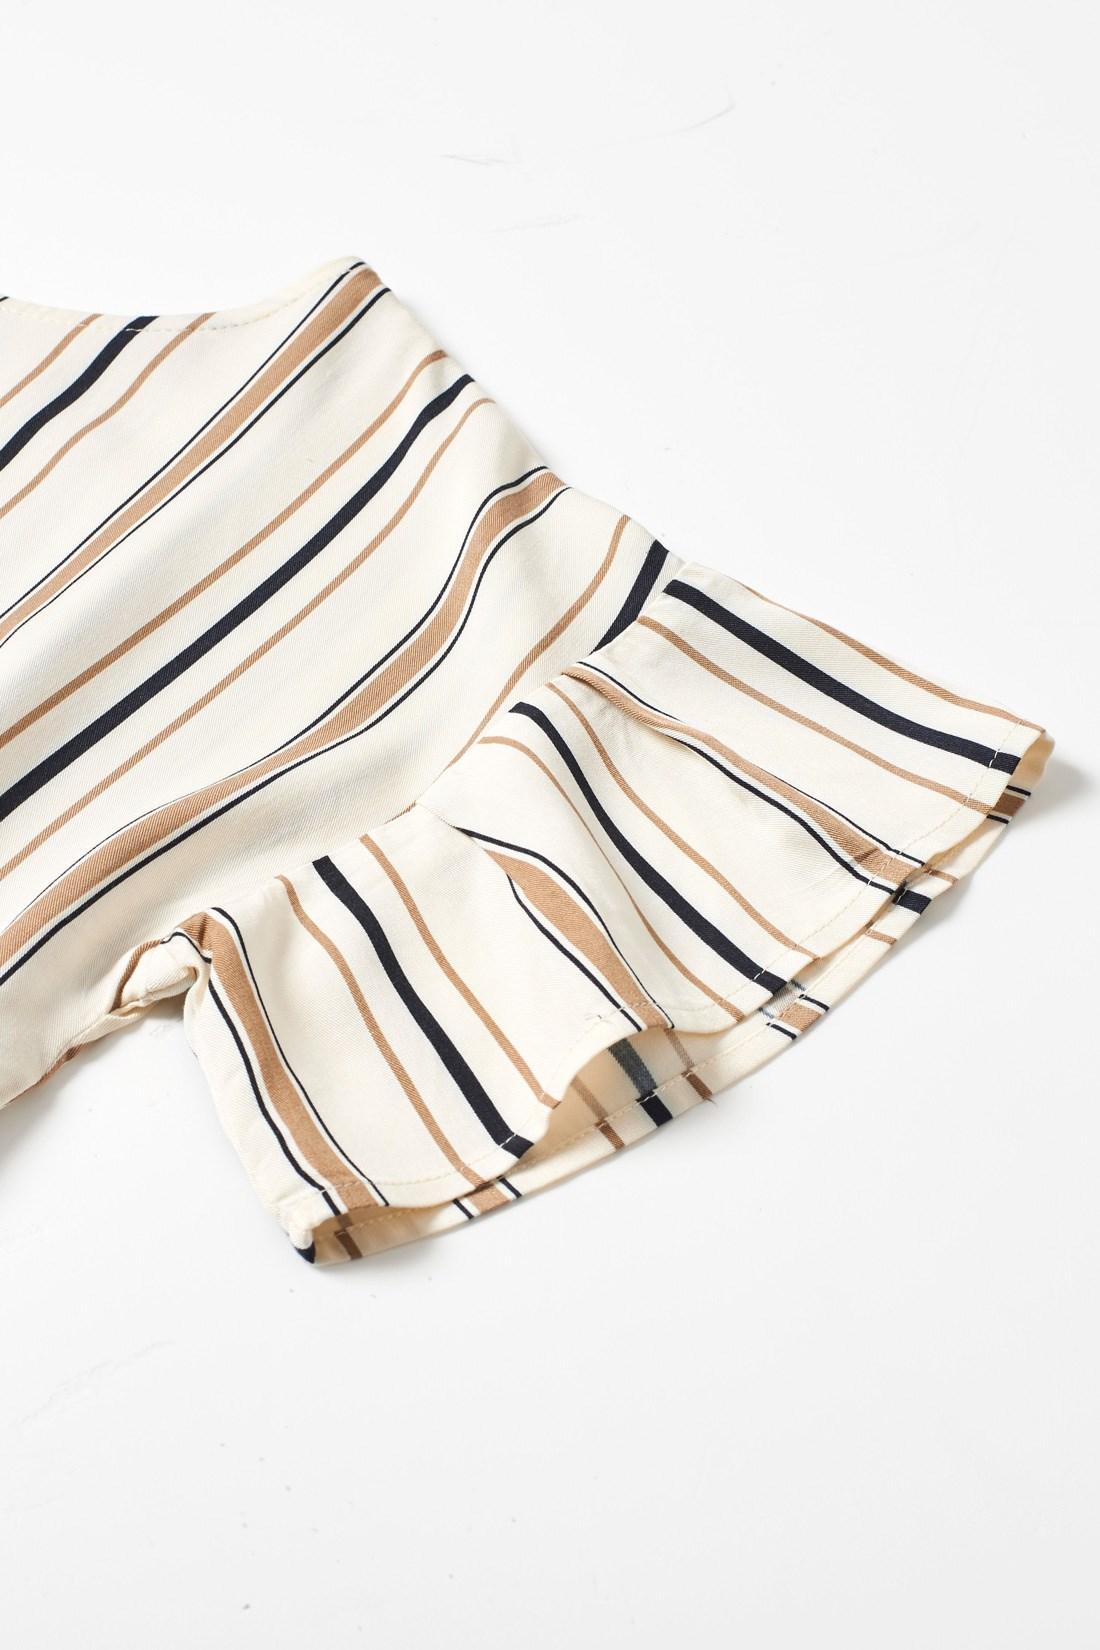 袖のぺプラムデザインで二の腕をほっそり見せて華やかに。